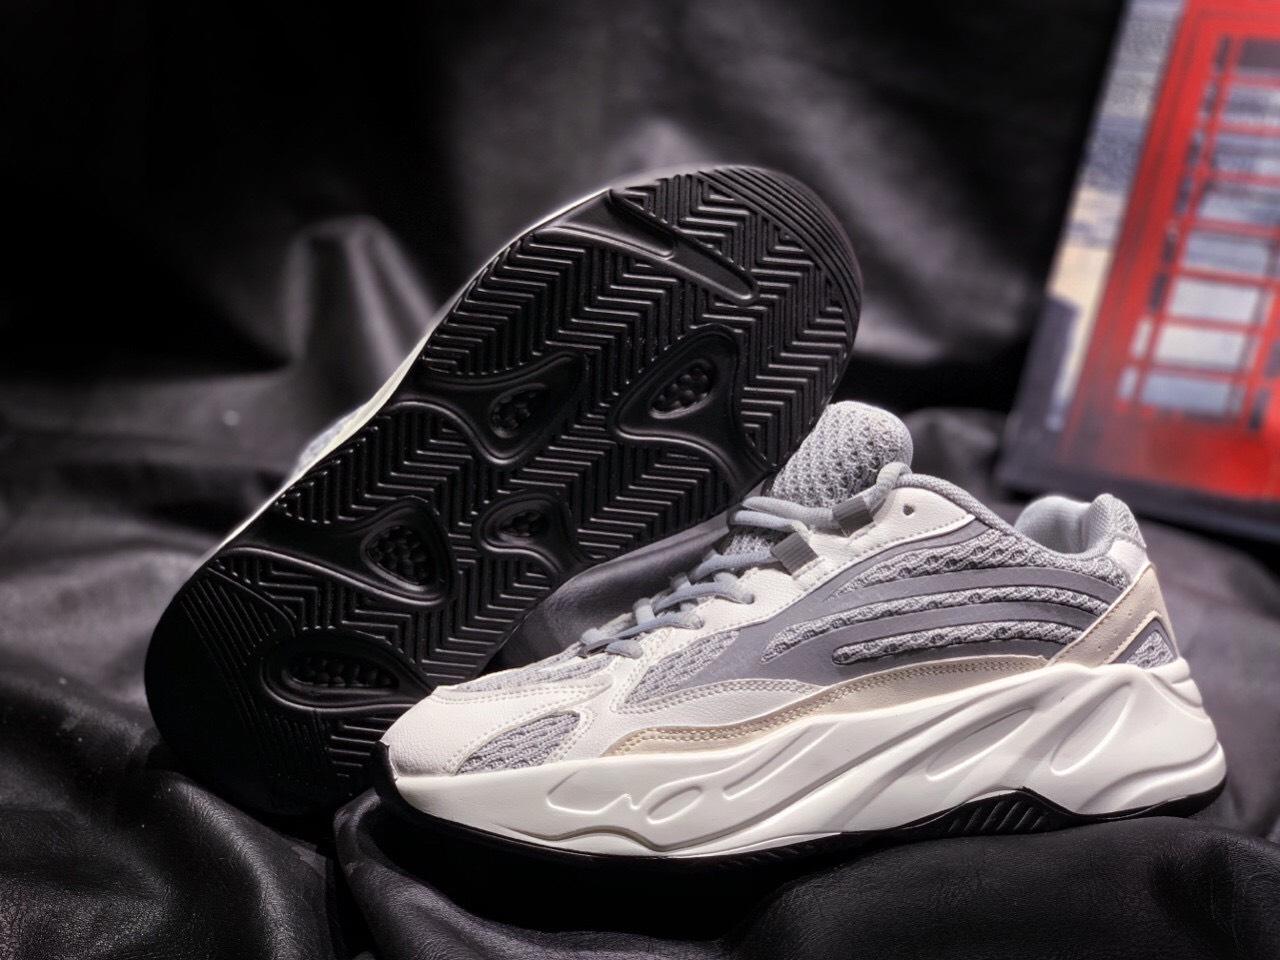 giày adidas yeezy 700 màu trắng